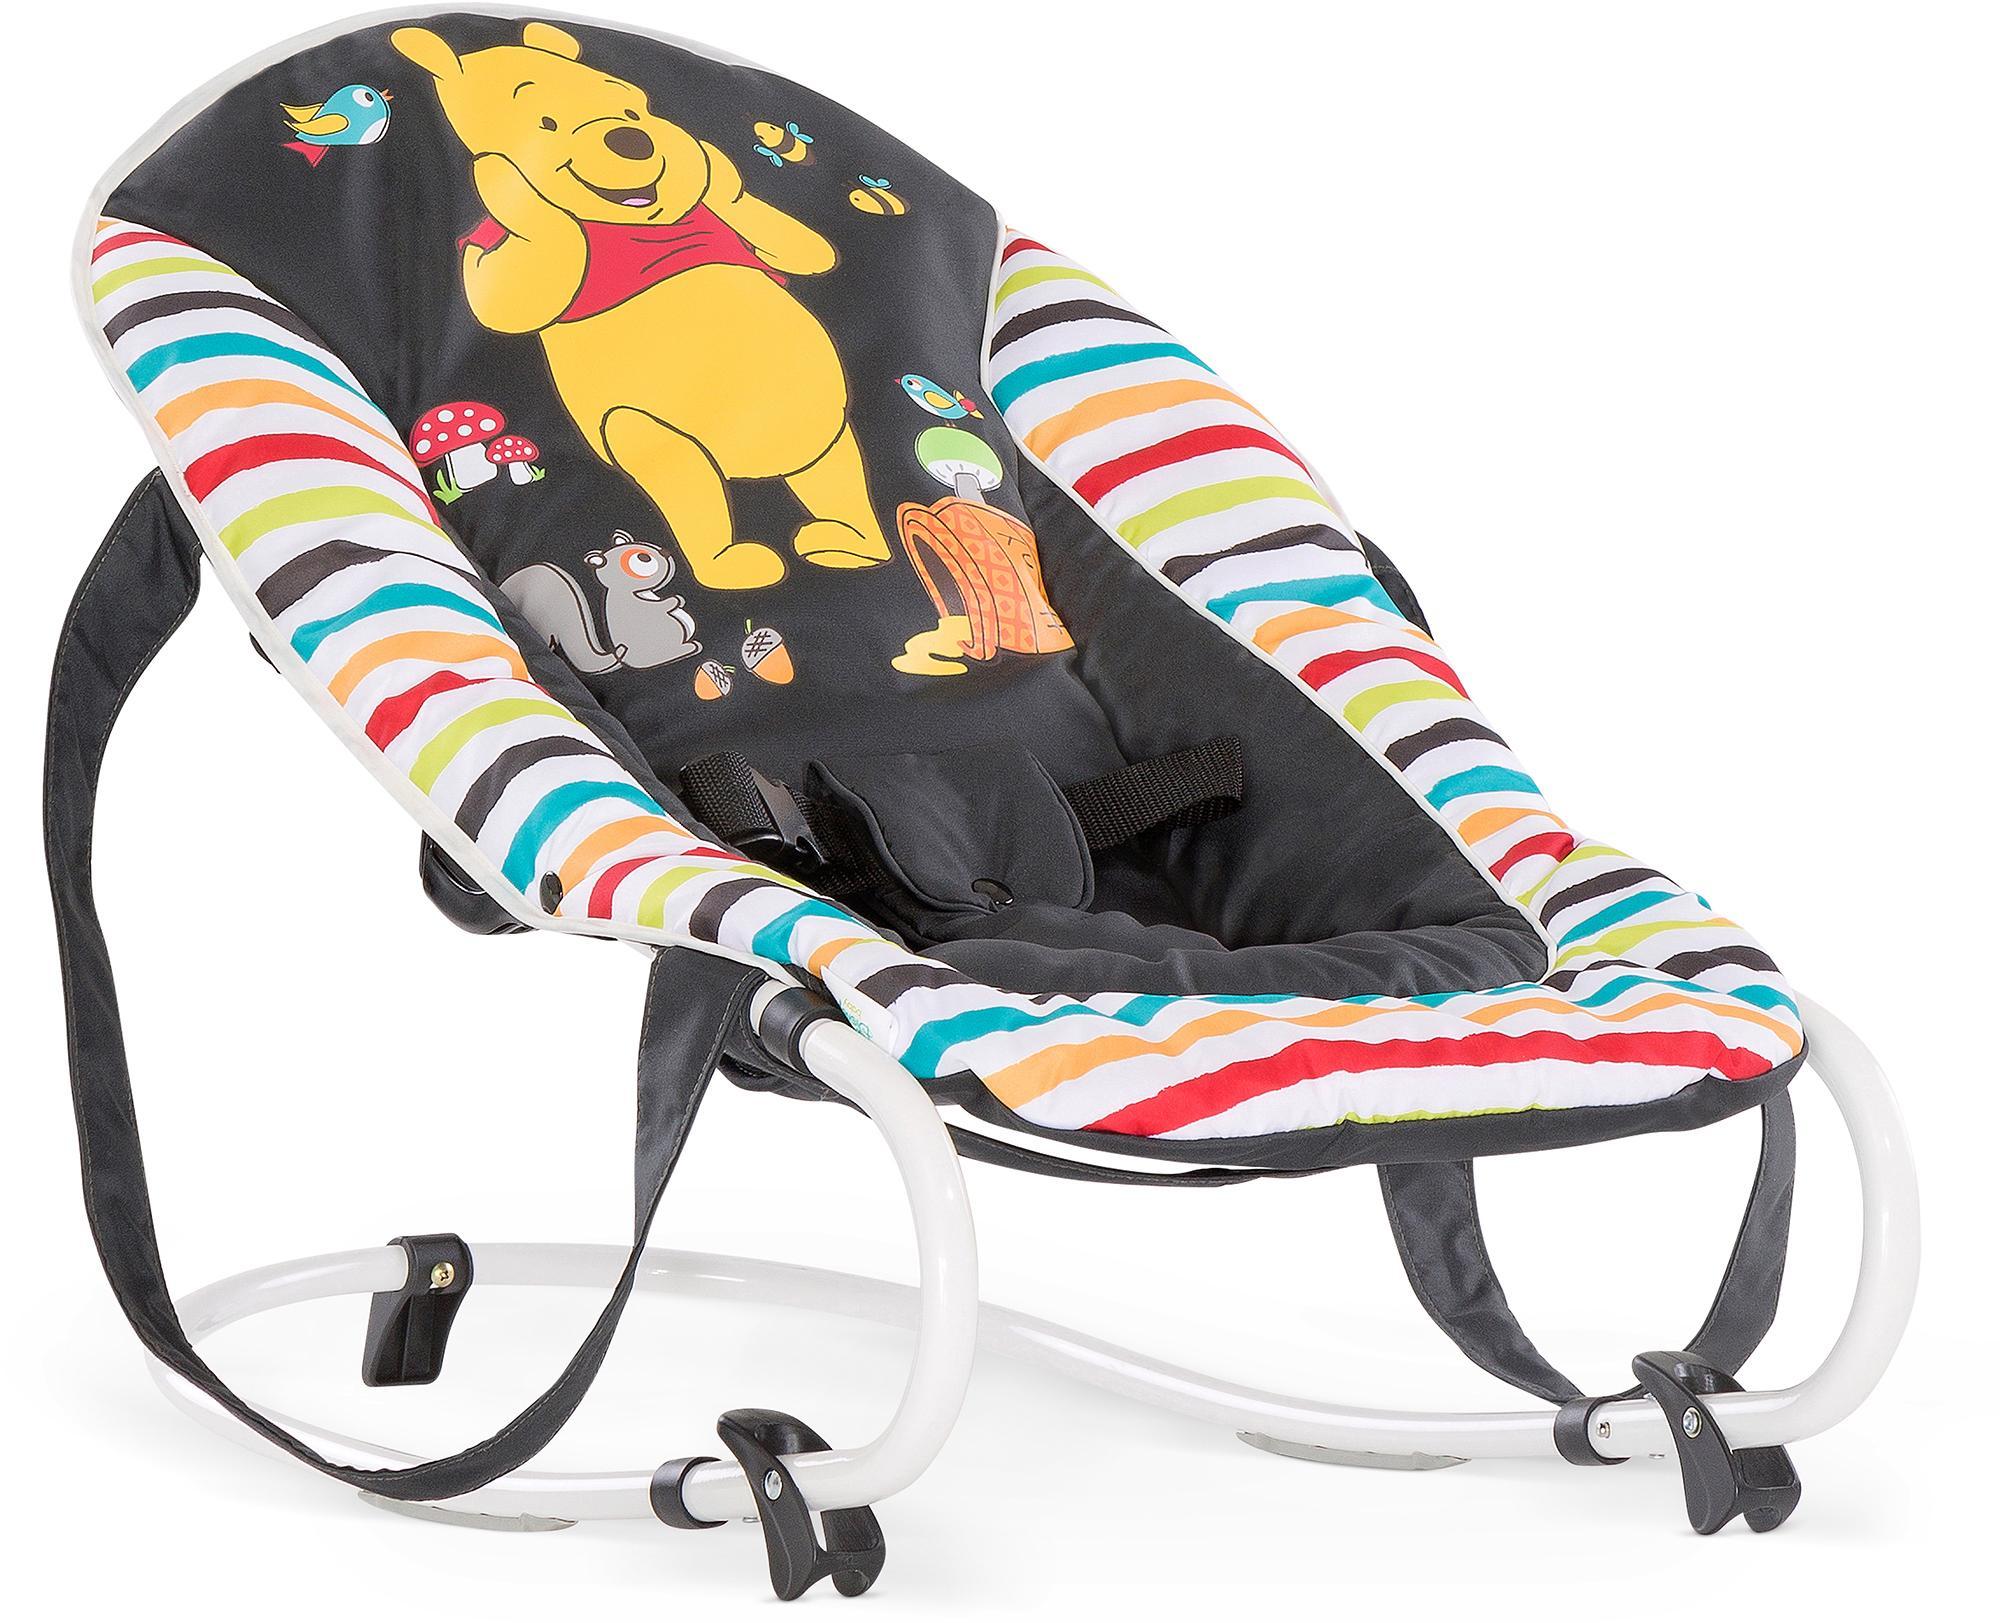 Hauck Babywippe Rocky, Pooh Geo, bis 9 kg bunt Baby Babywippen Bauchtragen, Babyschaukeln